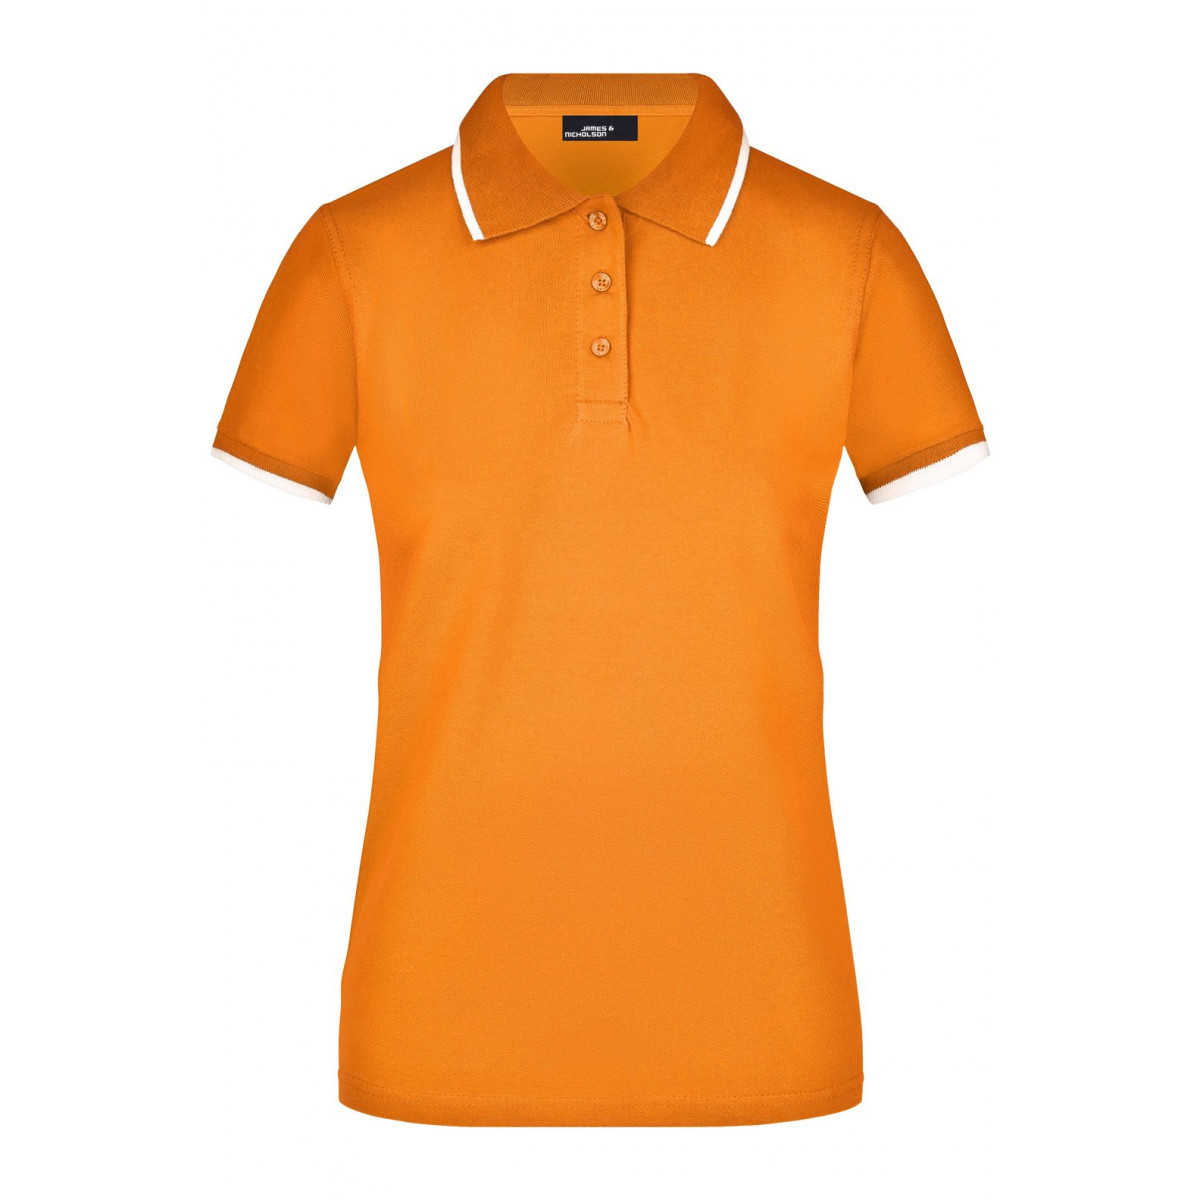 Рубашка поло женская JN934 Ladies Polo Tipping - Оранжевый-Белый